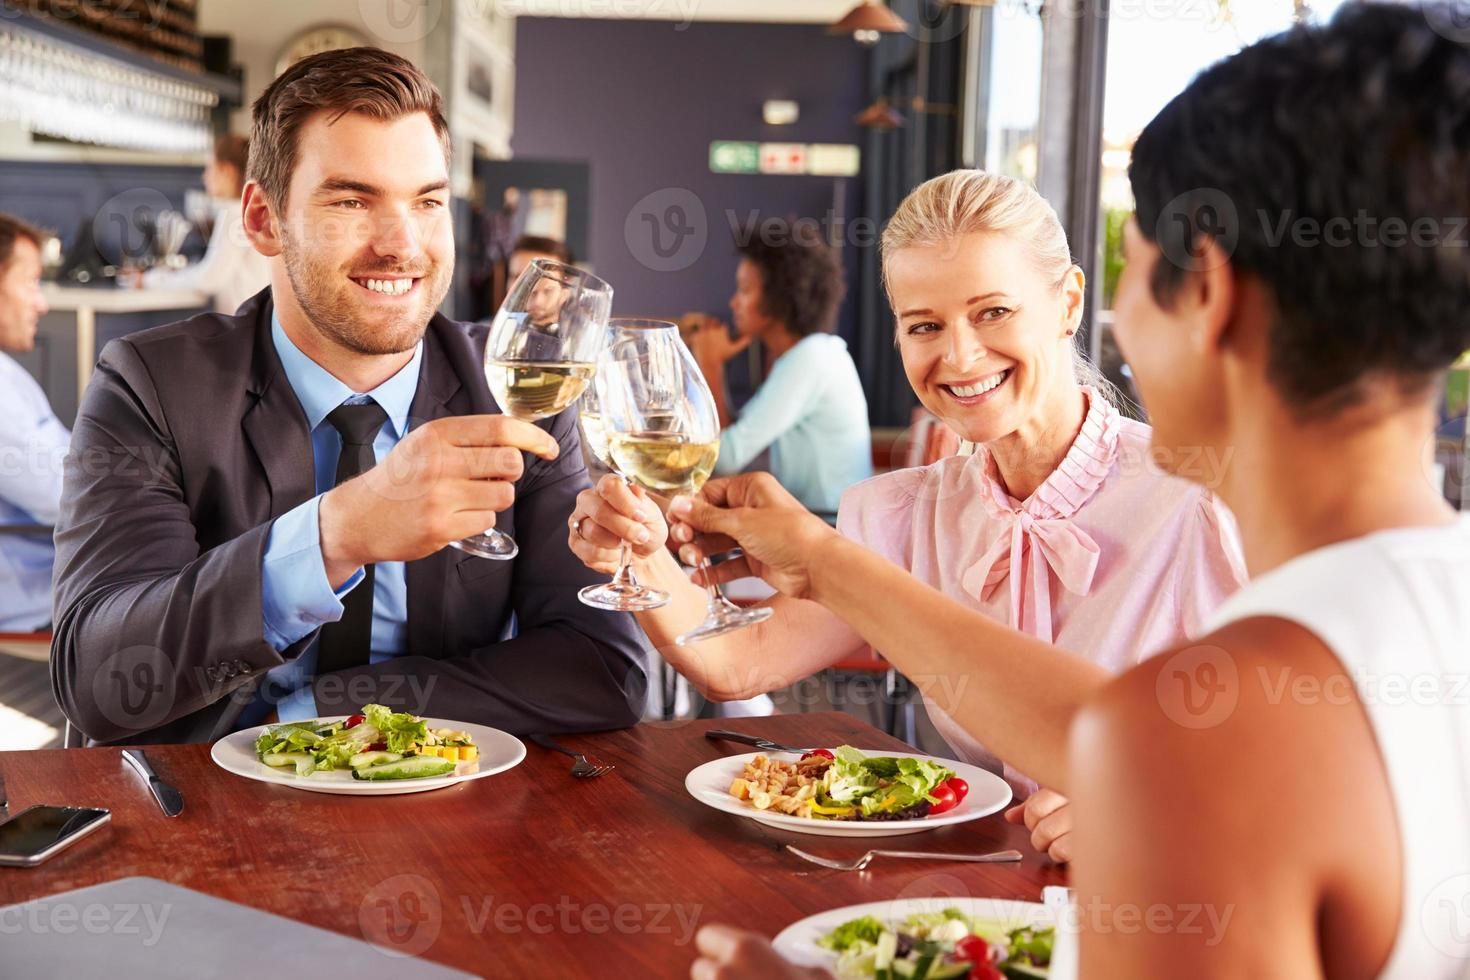 groep van mensen uit het bedrijfsleven tijdens de lunch in een restaurant foto